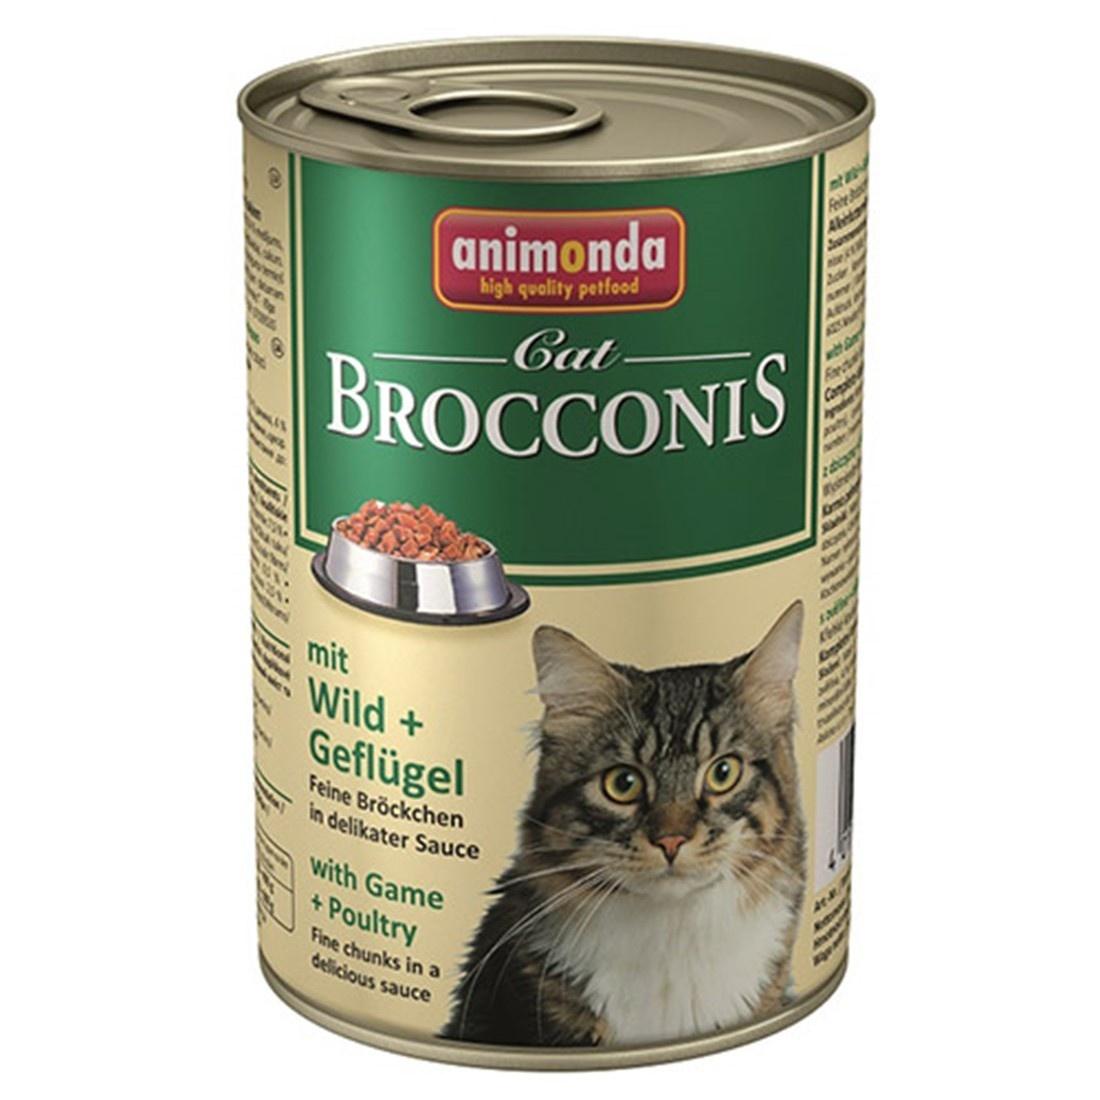 Animonda Brocconis Cat With Game + Poultry Консервы для кошек с дичью и домашней птицей 400 гр